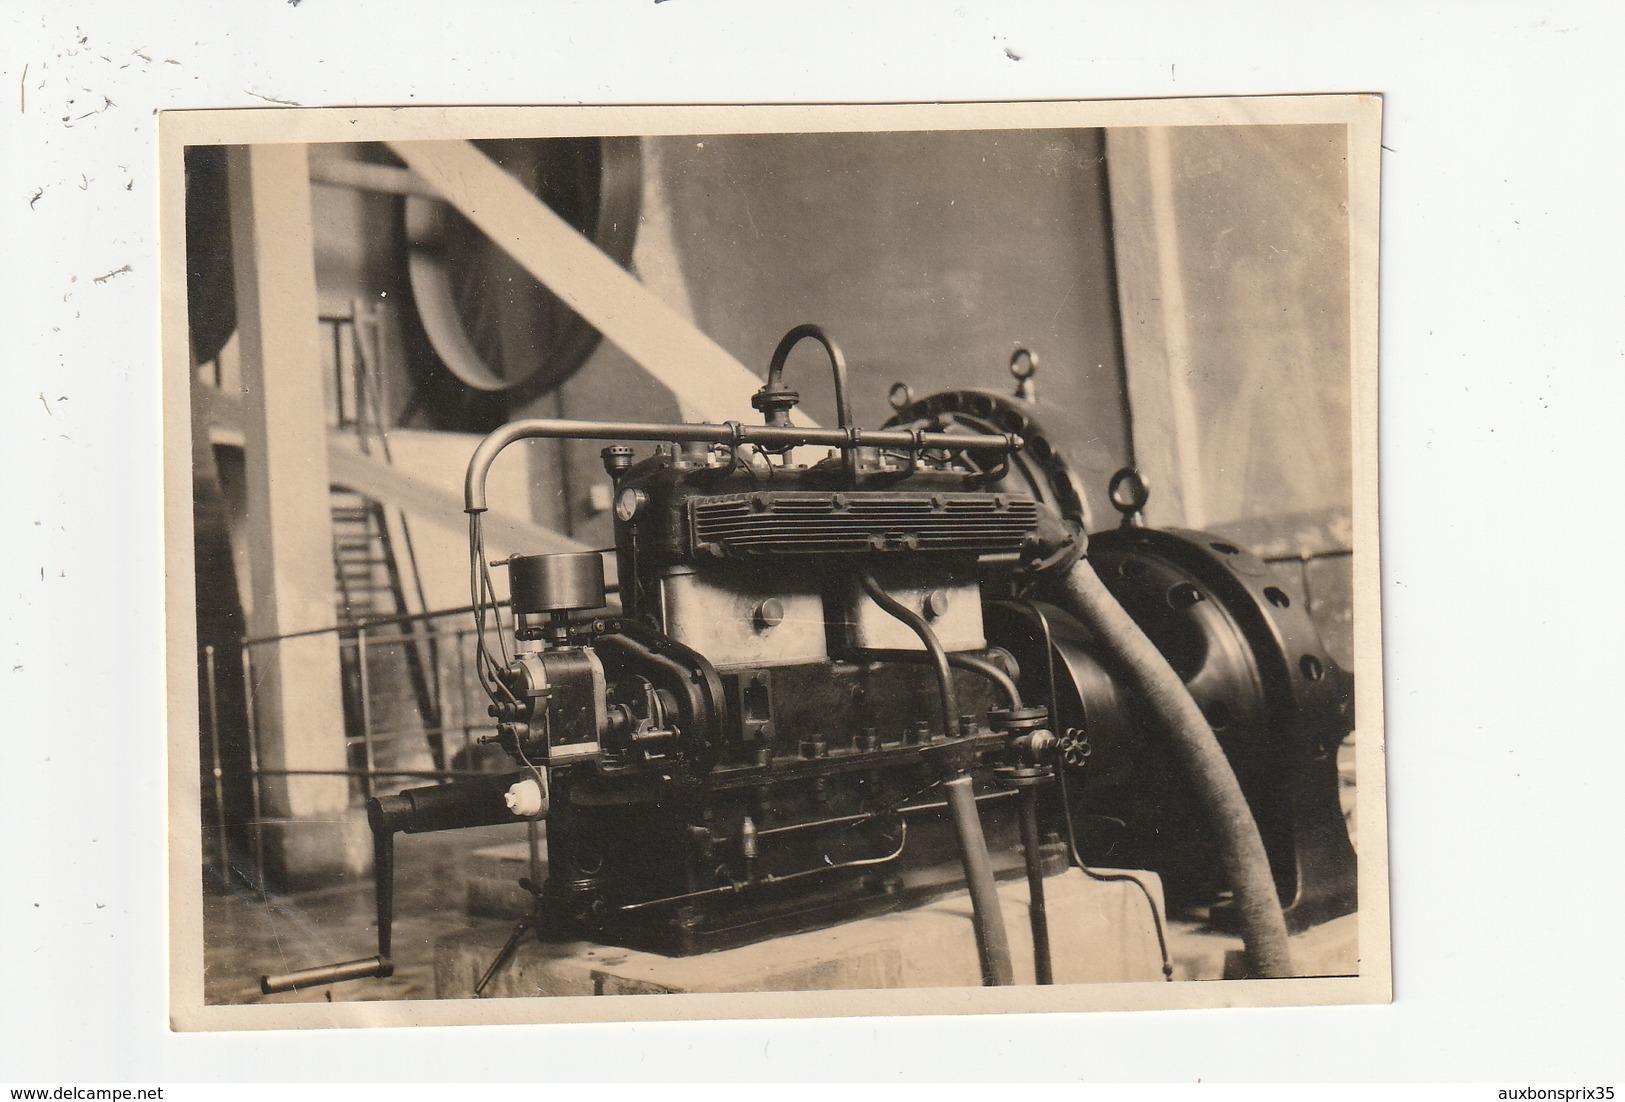 2 PHOTOS - SETE - USINE CHIMIQUE - BENNES DE MONORAIL BOYER 15/04/19 - GROUPE ELECTROGENE 15/04/21 - 34 - Places